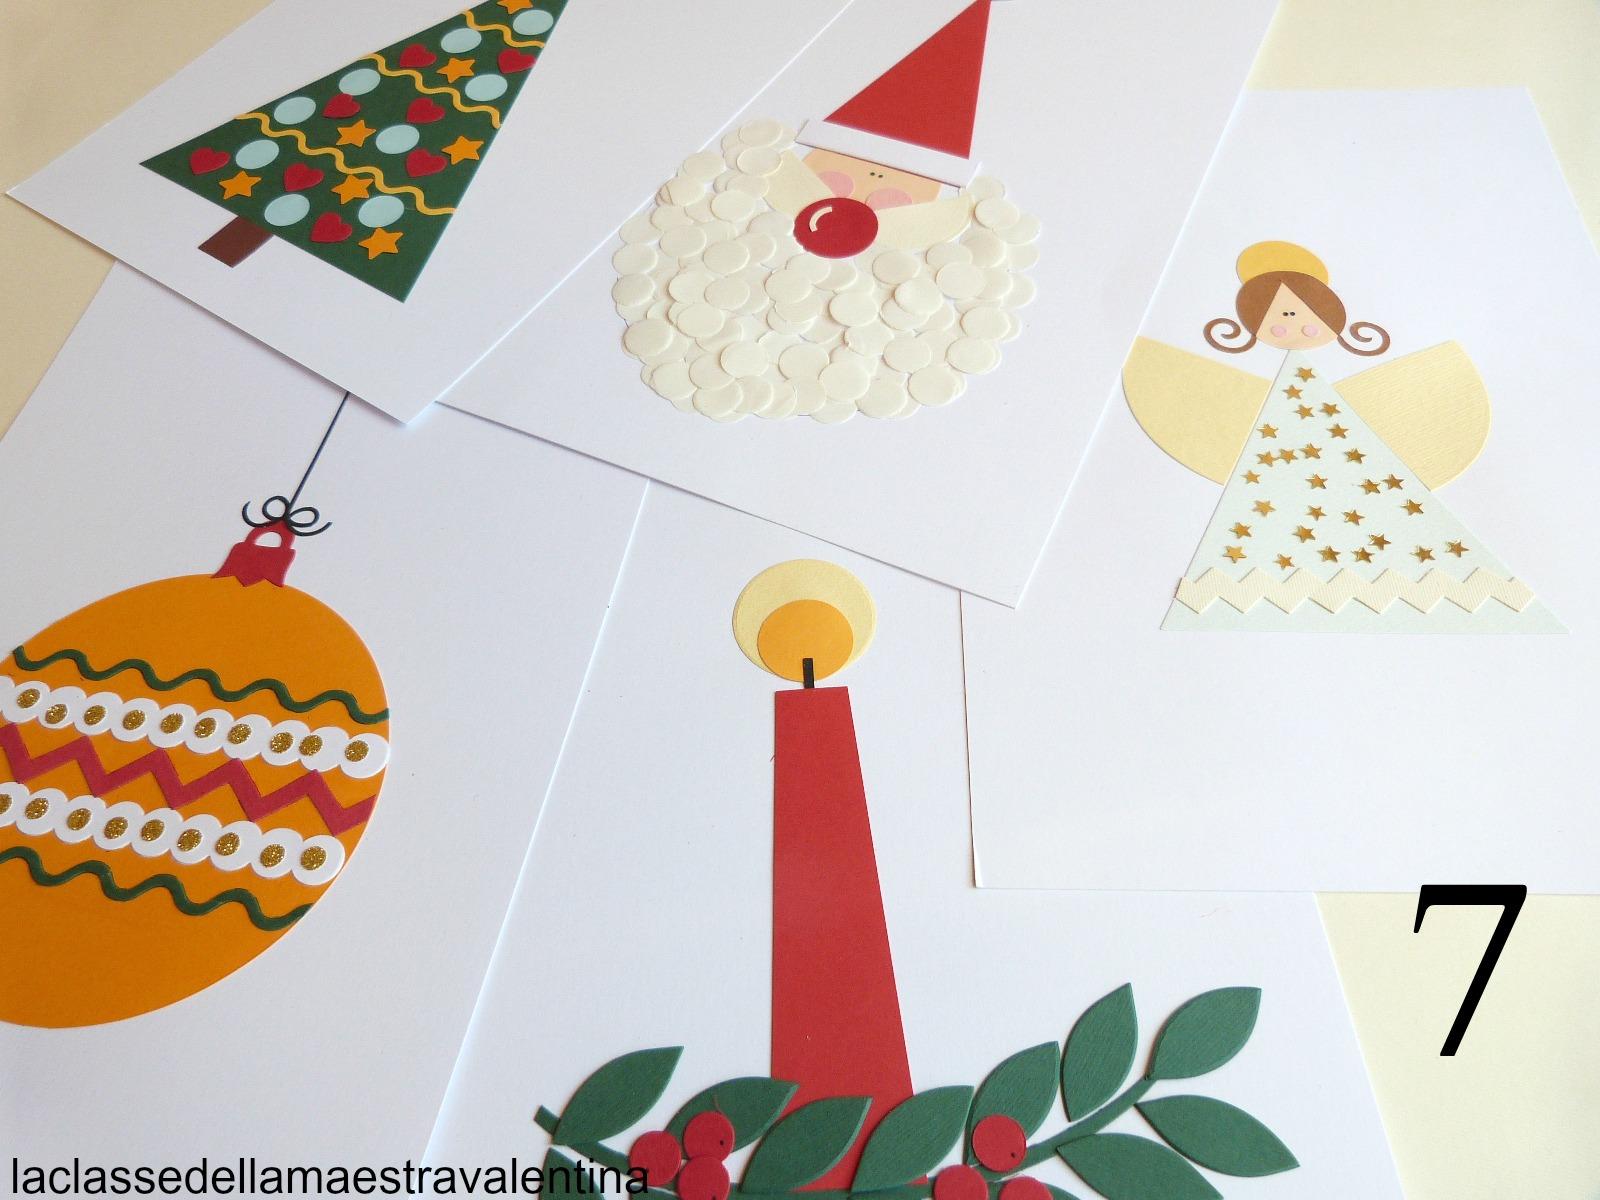 La classe della maestra valentina collages natalizi n 7 for La classe della maestra